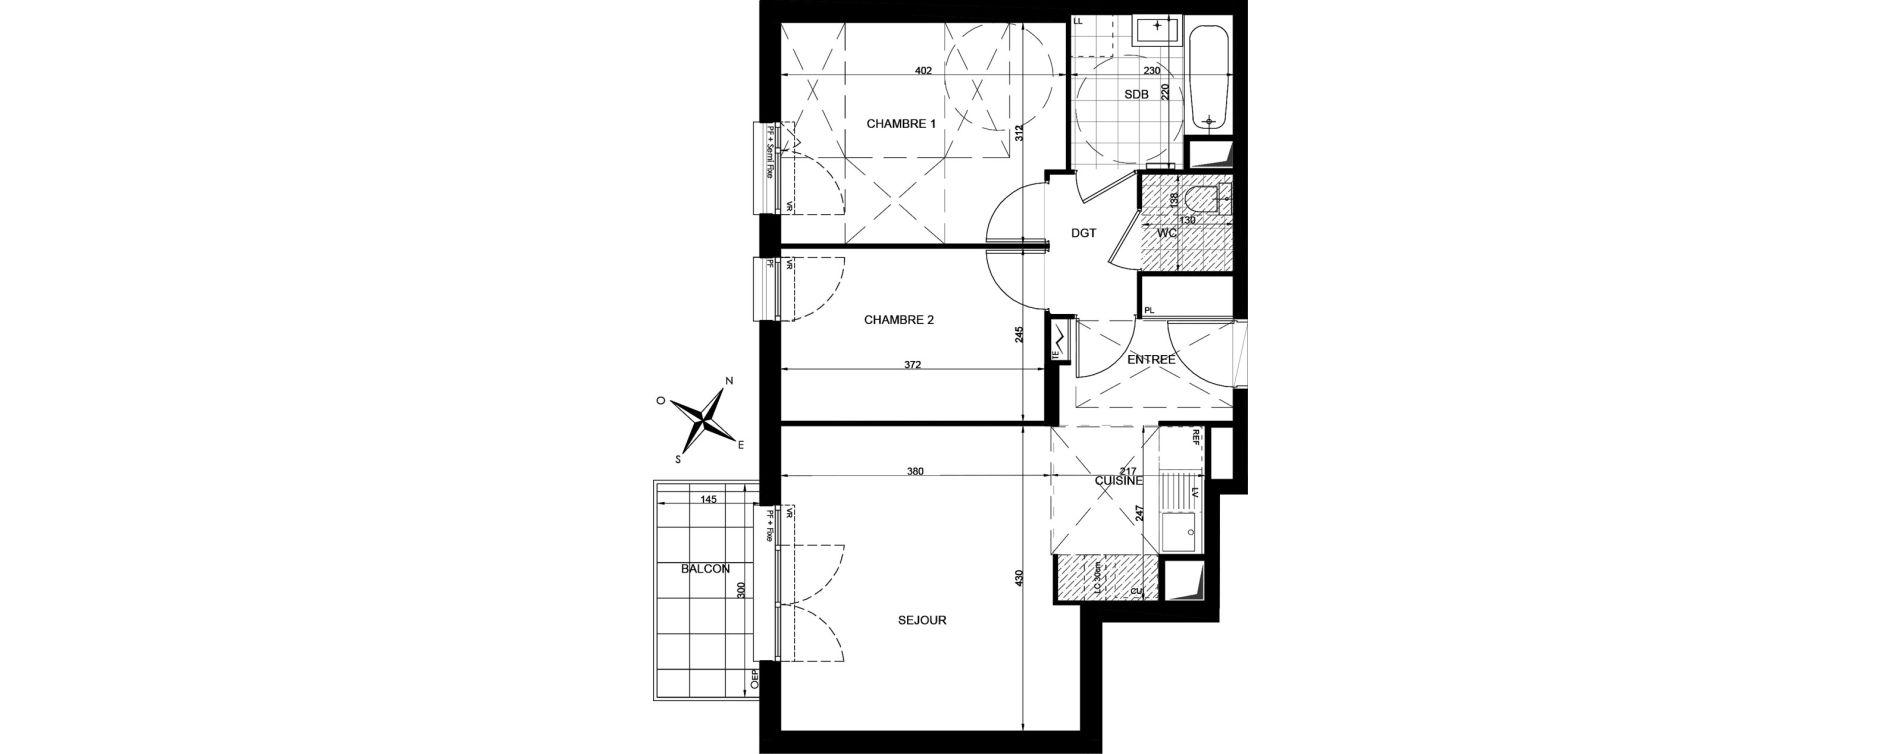 Appartement T3 de 56,63 m2 à Livry-Gargan Centre